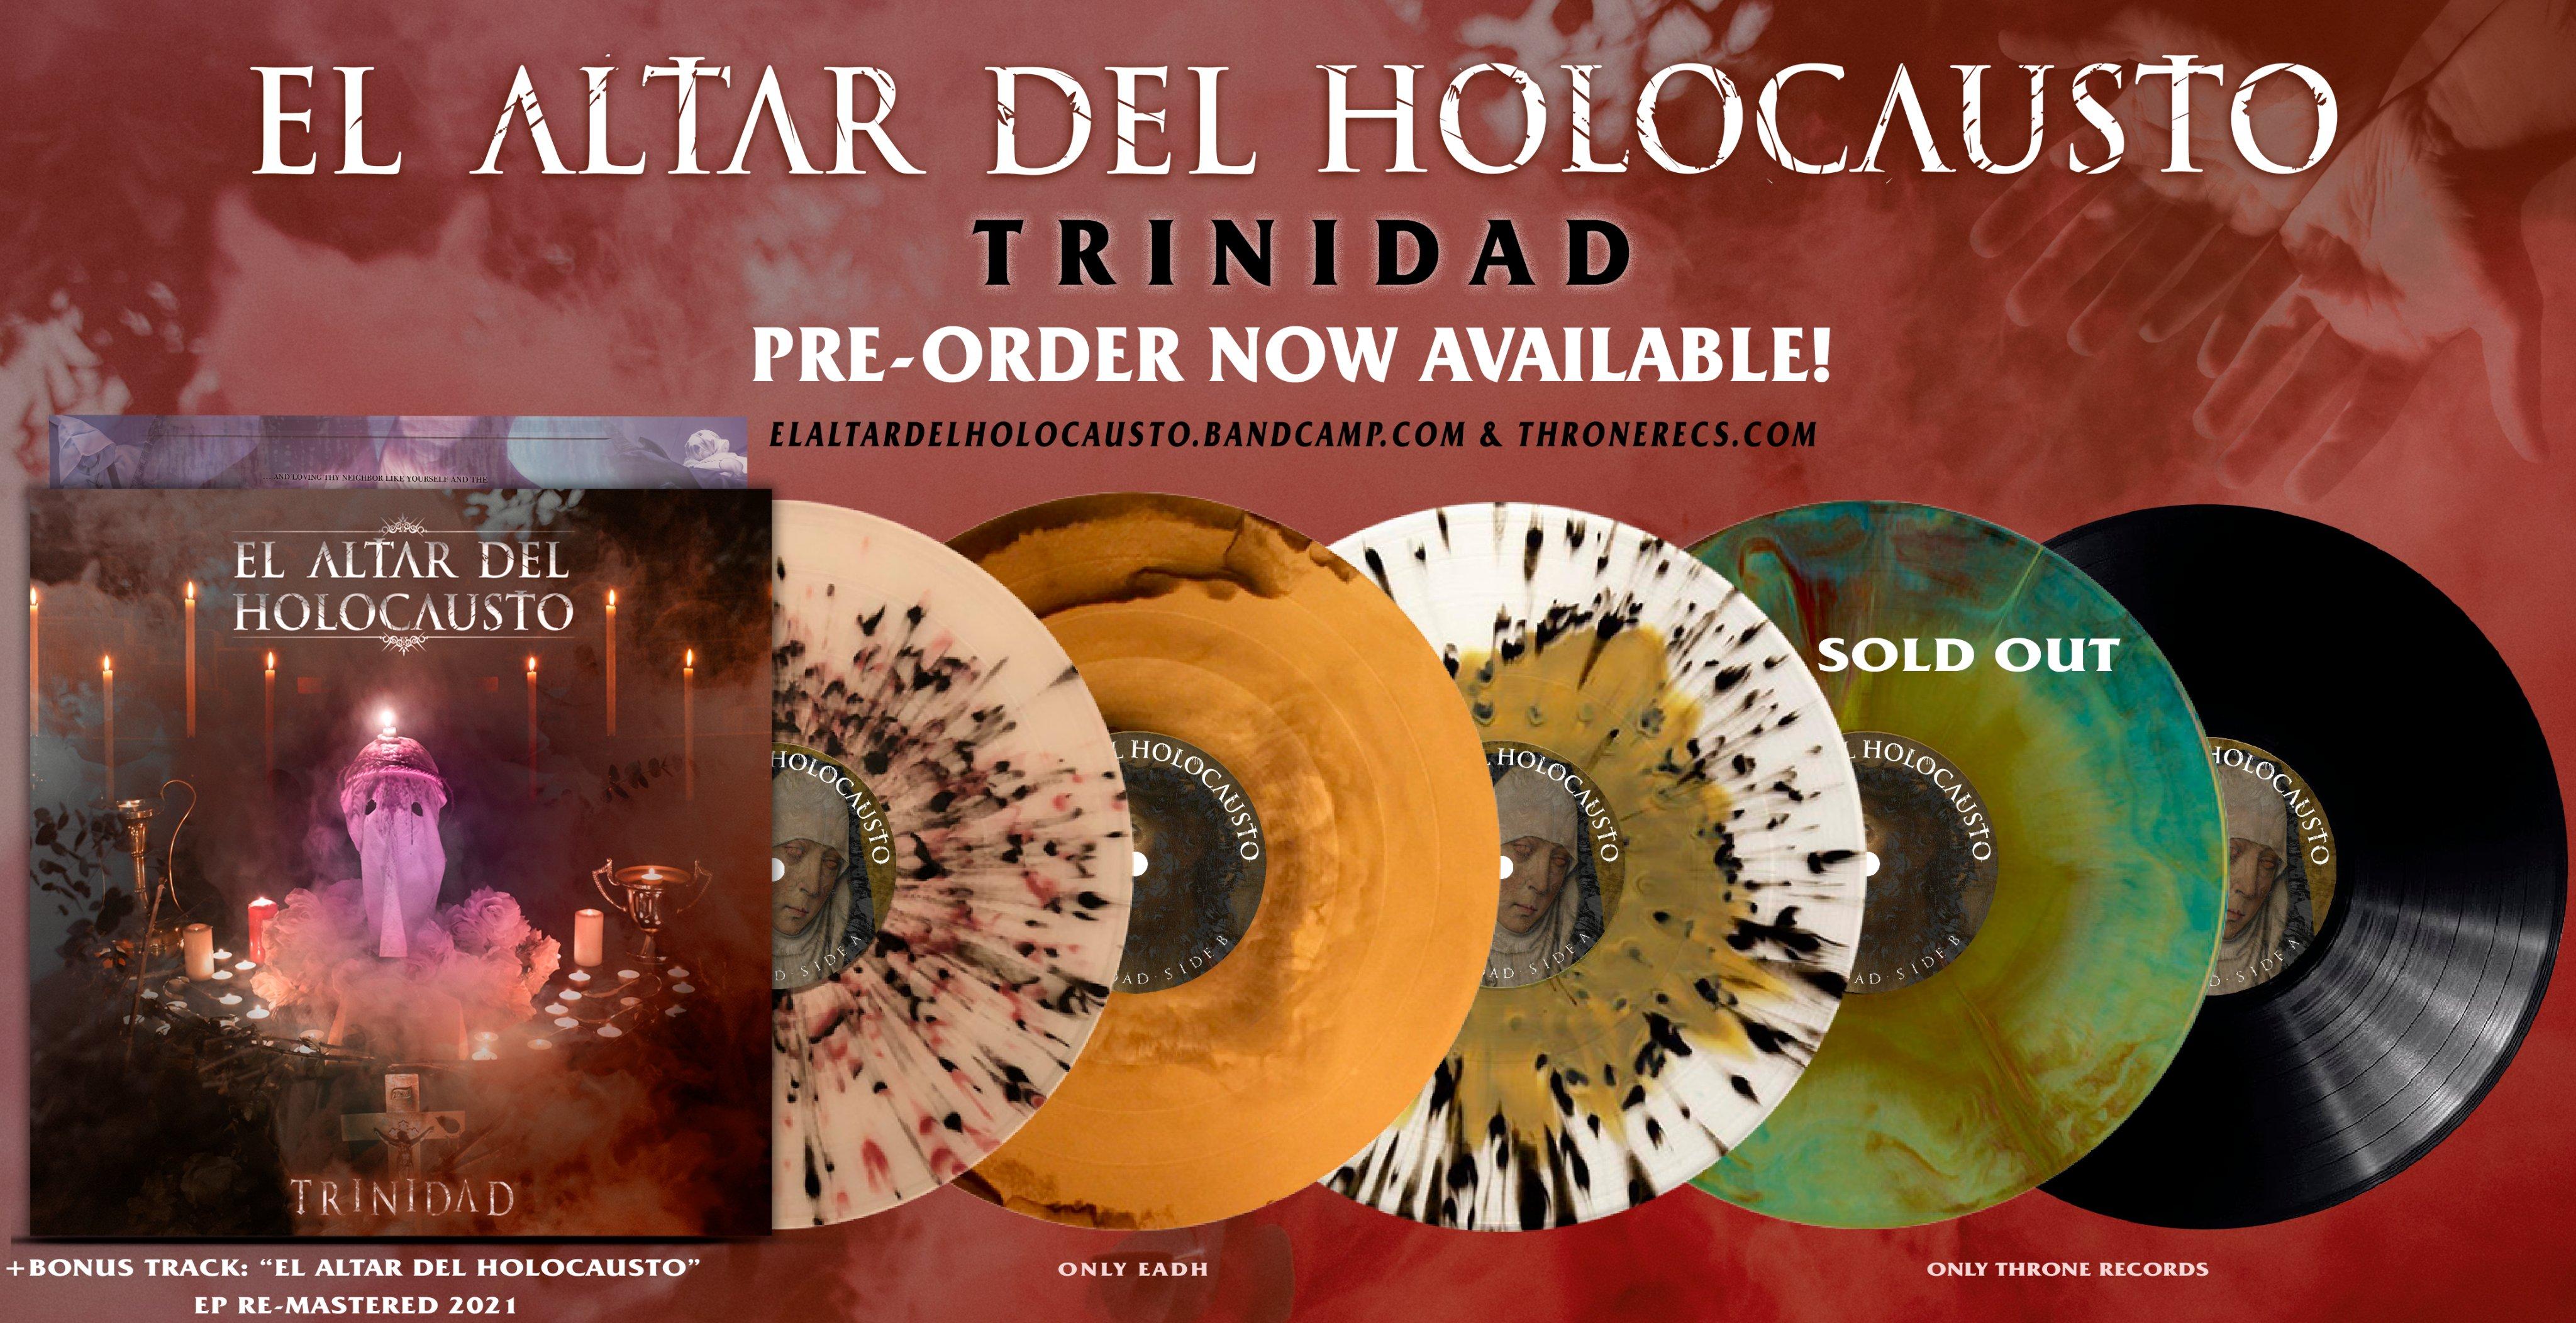 El Altar Del Holocausto: ¡¡¡✞ T R I N I DAD -  1 de Octubre BARCELONA - Razz3   !!!!! - Página 15 EvtKbrkWgAA7yf_?format=jpg&name=4096x4096